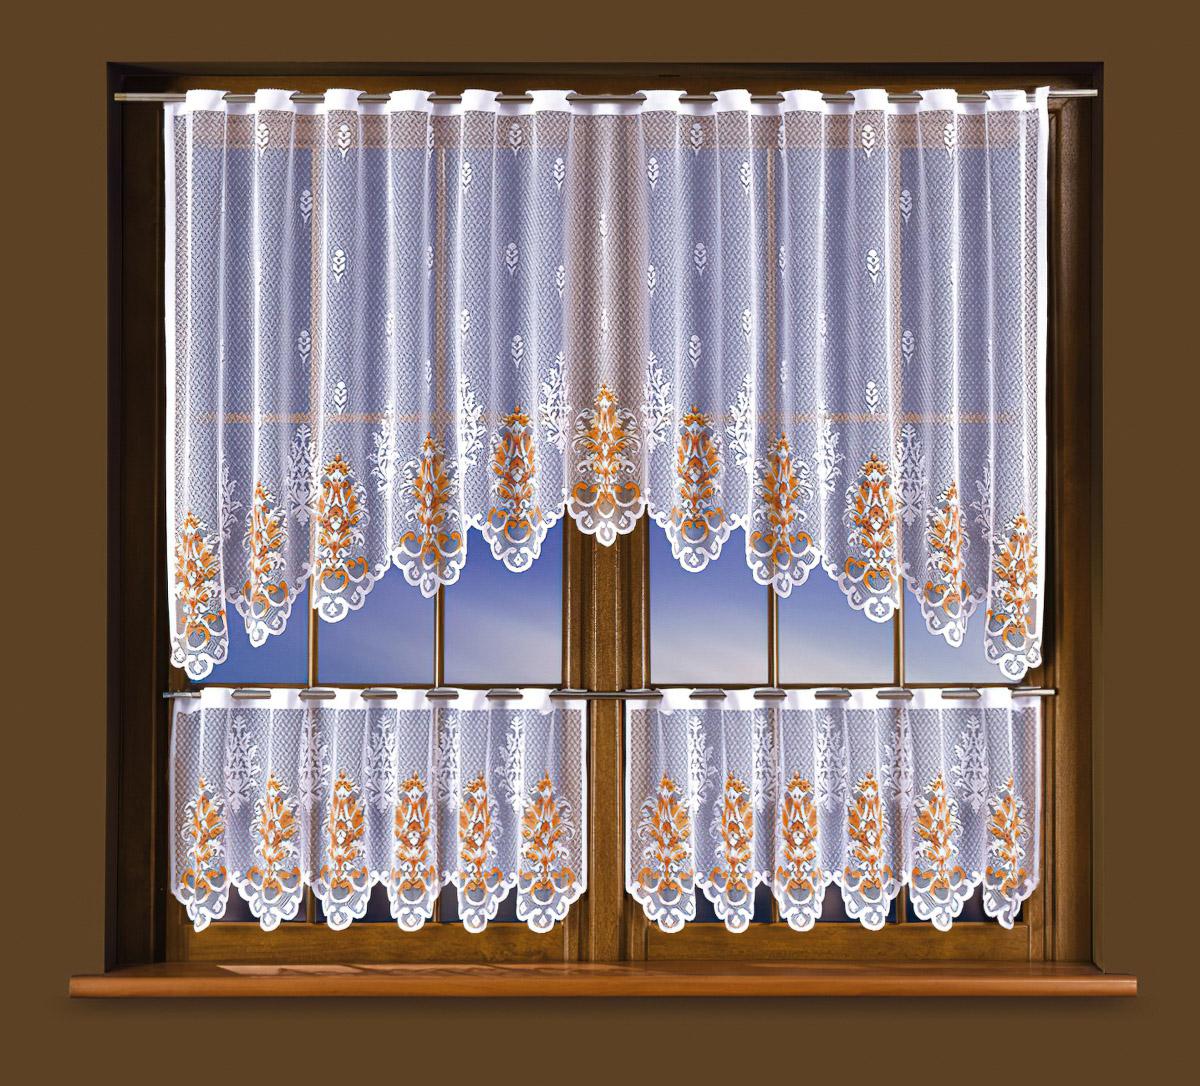 Forbyt Kusová záclona KLEOPATRA ORANŽOVÁ vícebarevná, 1 ks výška 100 cm x šířka 250 cm + 2 ks výška 45 cm x šířka 125 cm (okenní set oranžový)